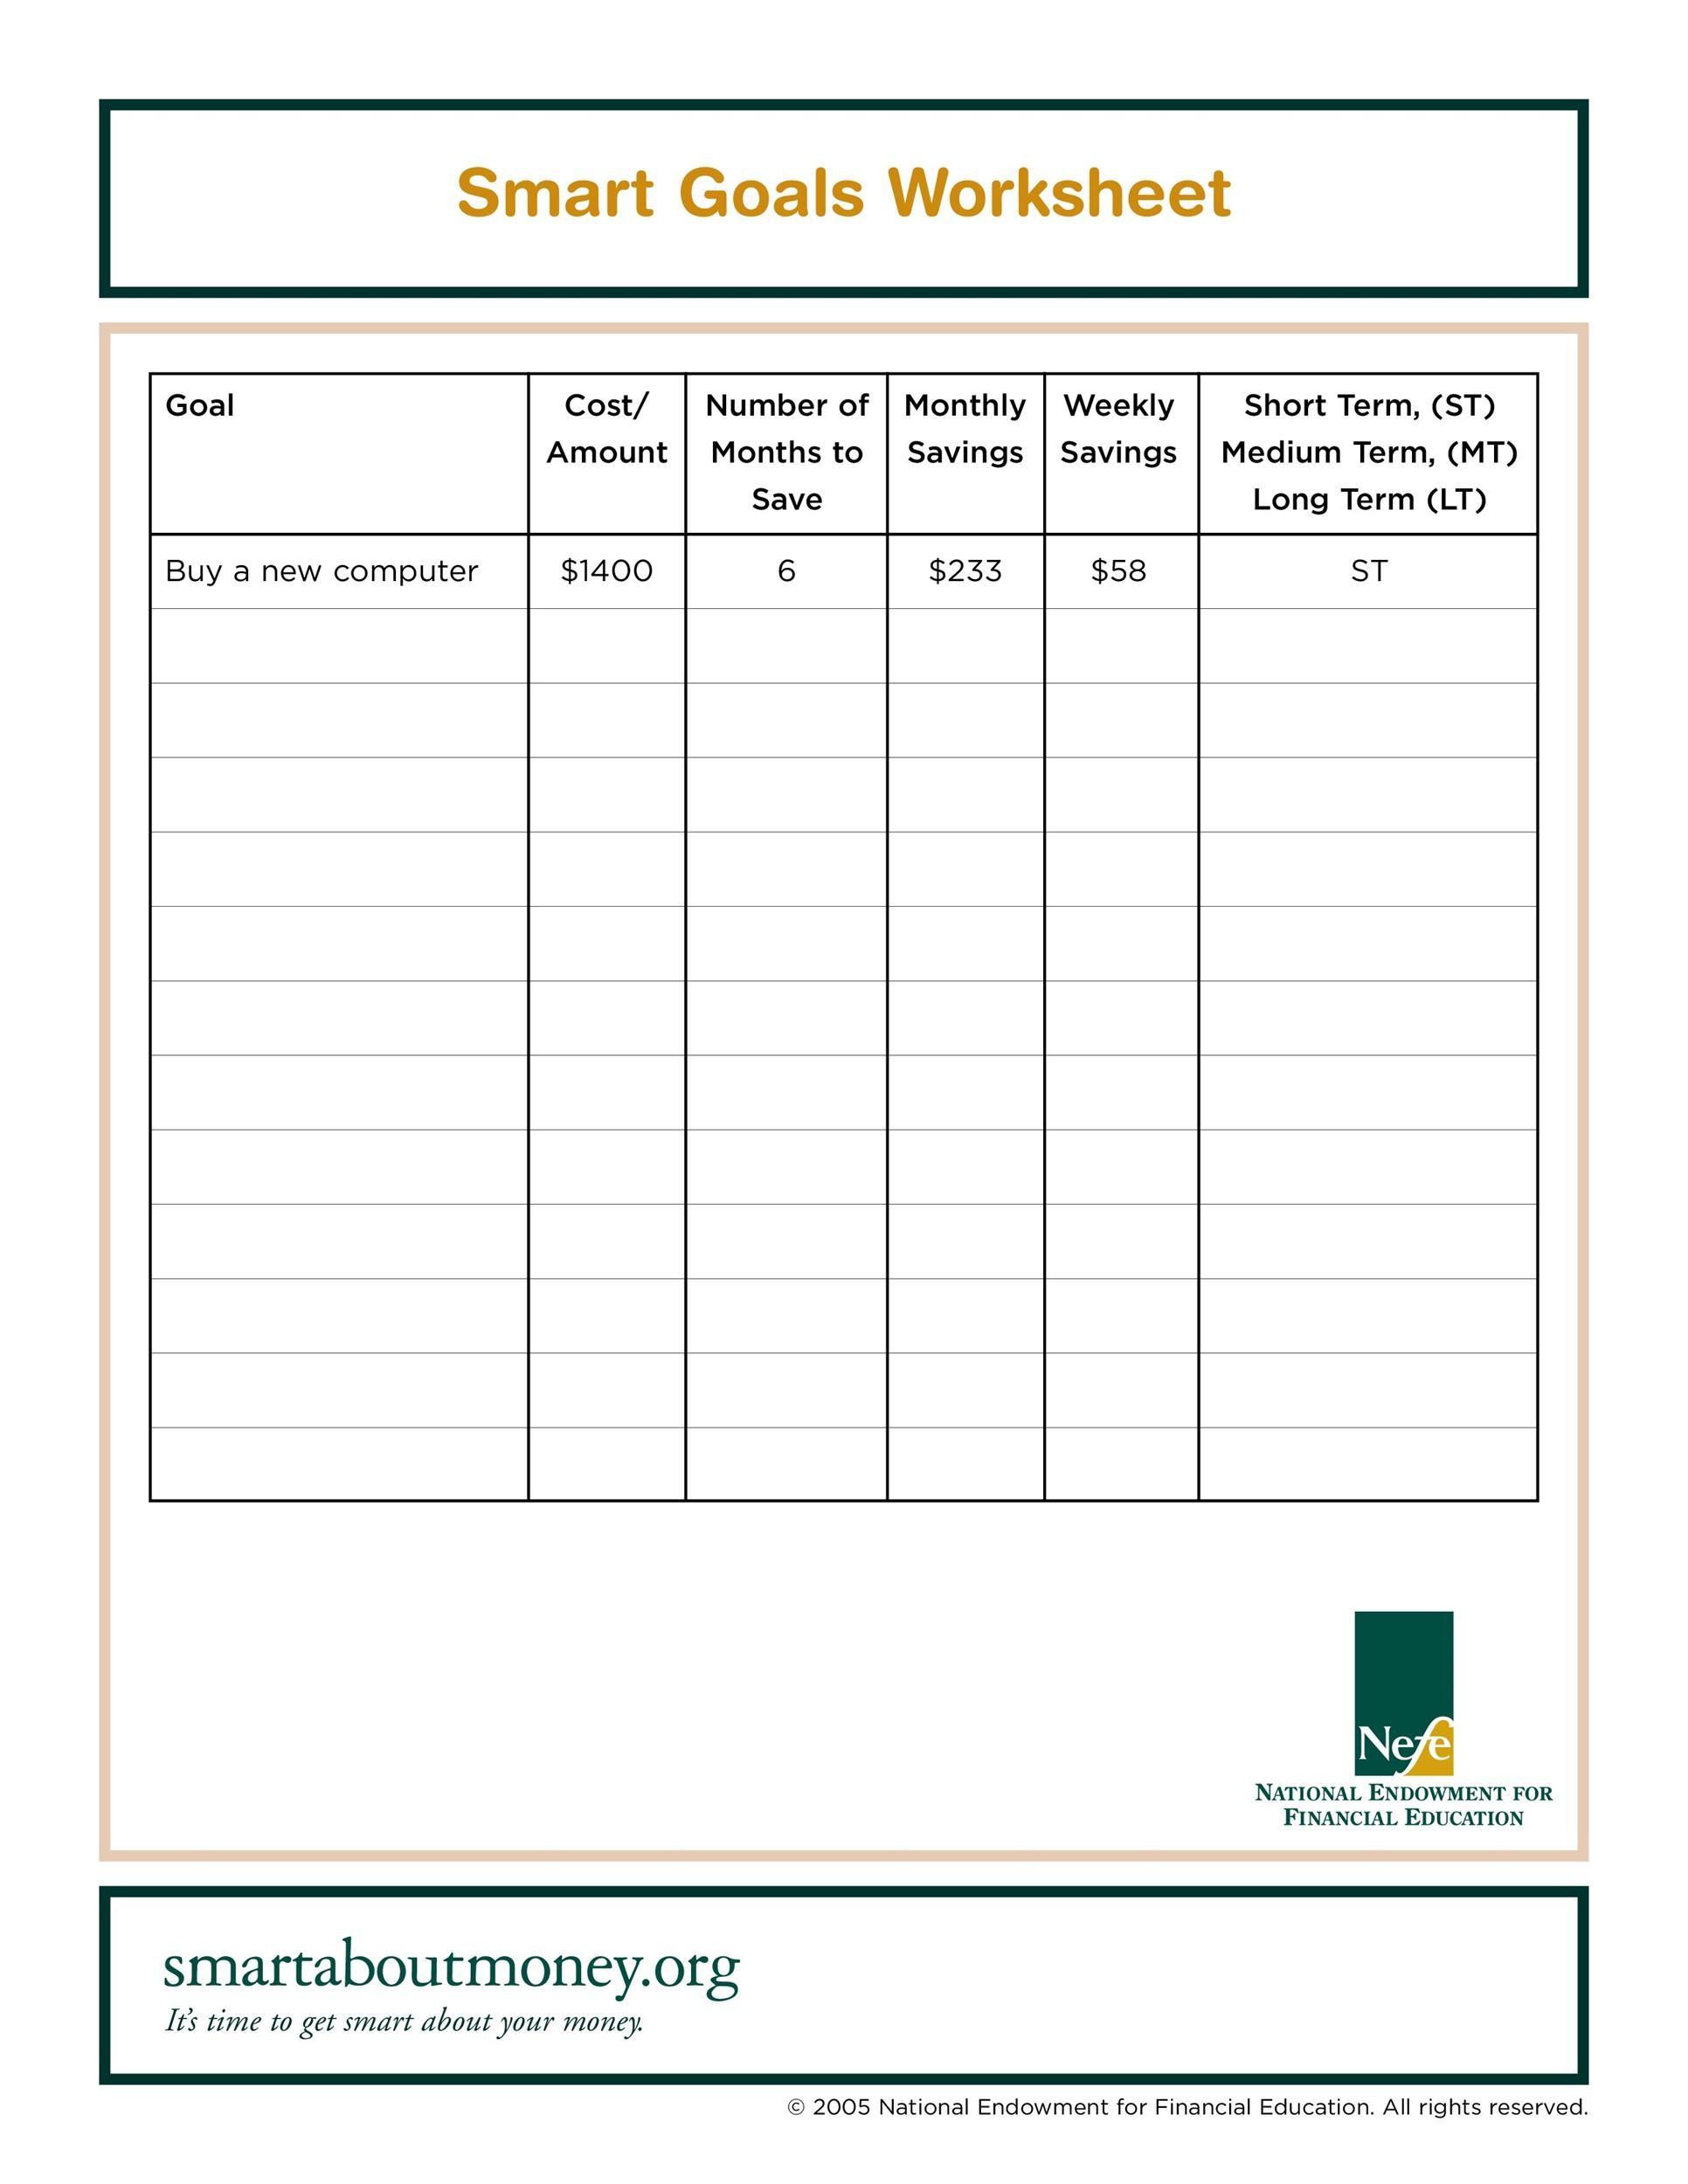 Smart Goals Worksheet Template – Goal Worksheets